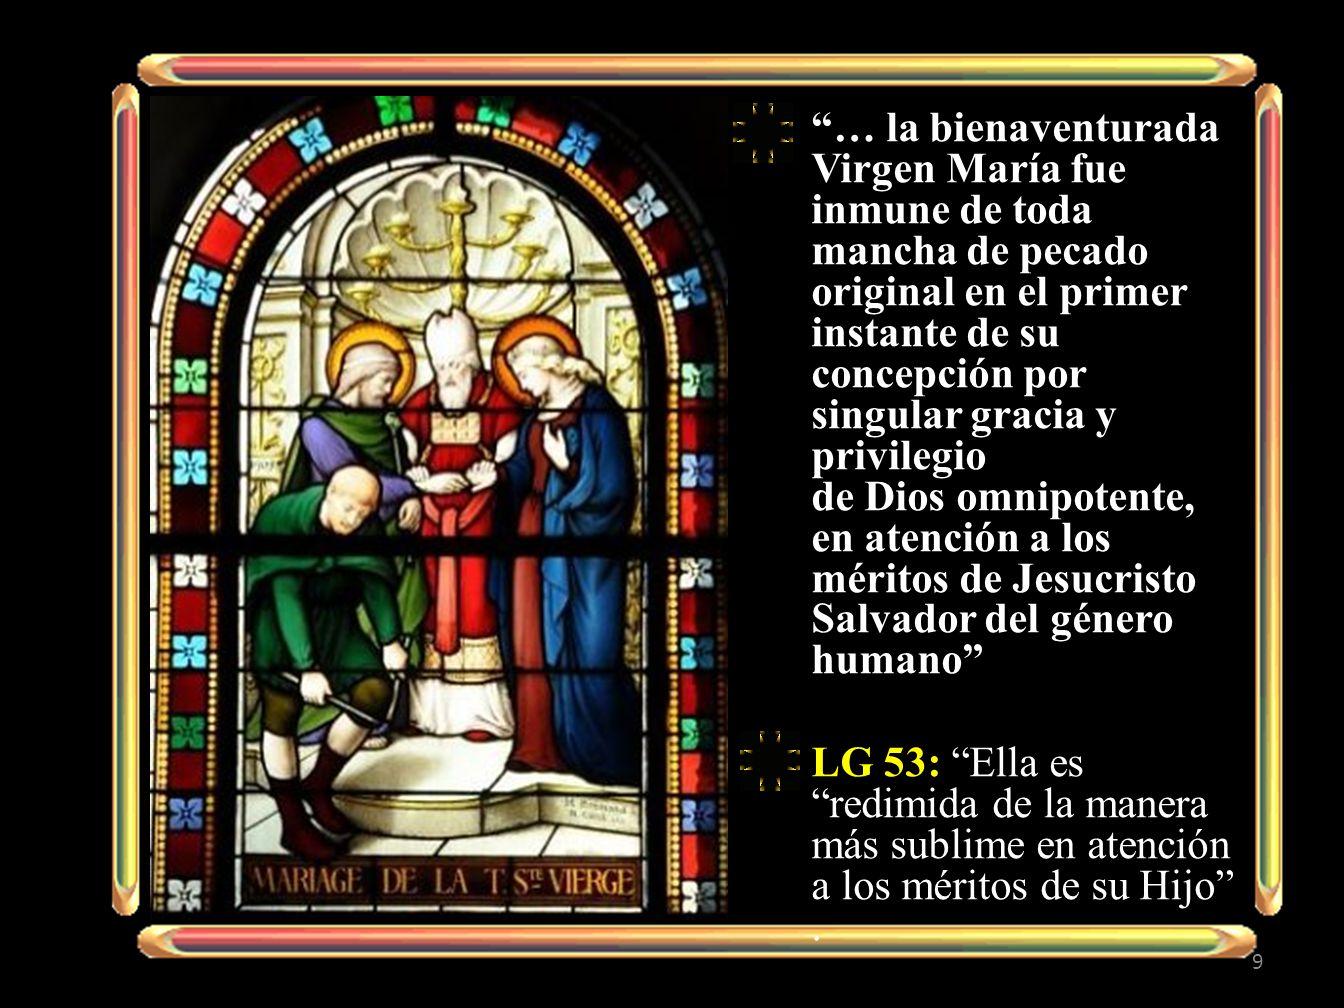 María colaboró de manera totalmente singular a la obra del Salvador por su fe, esperanza y ardiente amor, para restablecer la vida sobrenatural de los hombres.